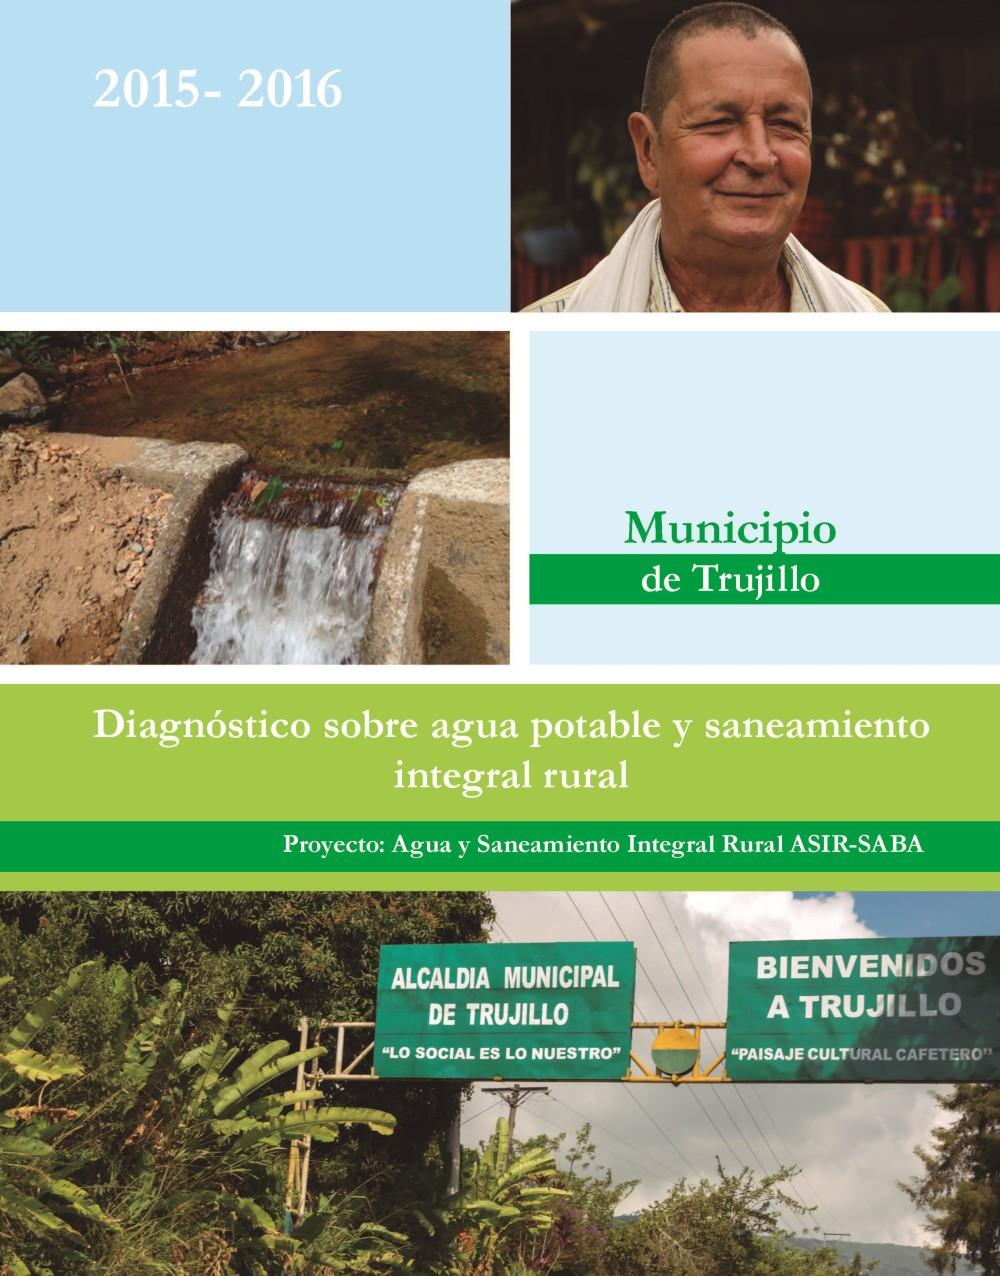 Diagnóstico Trujillo_Página_001 (1)